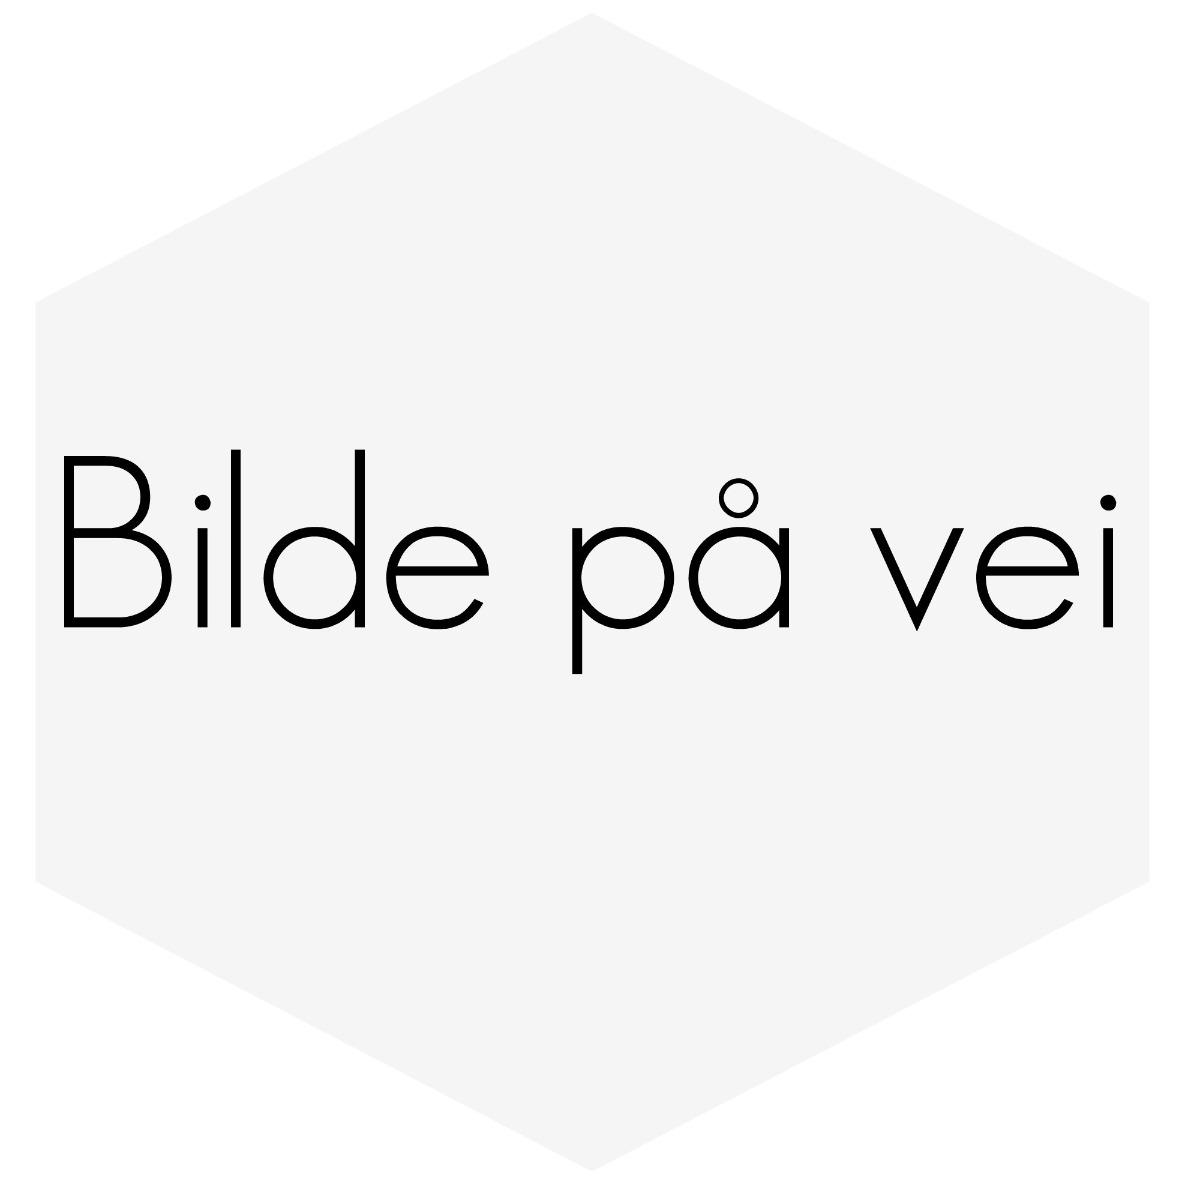 SILIKONSLANGE SVART FLEXIBEL GLATT 1,25'' (32MM)